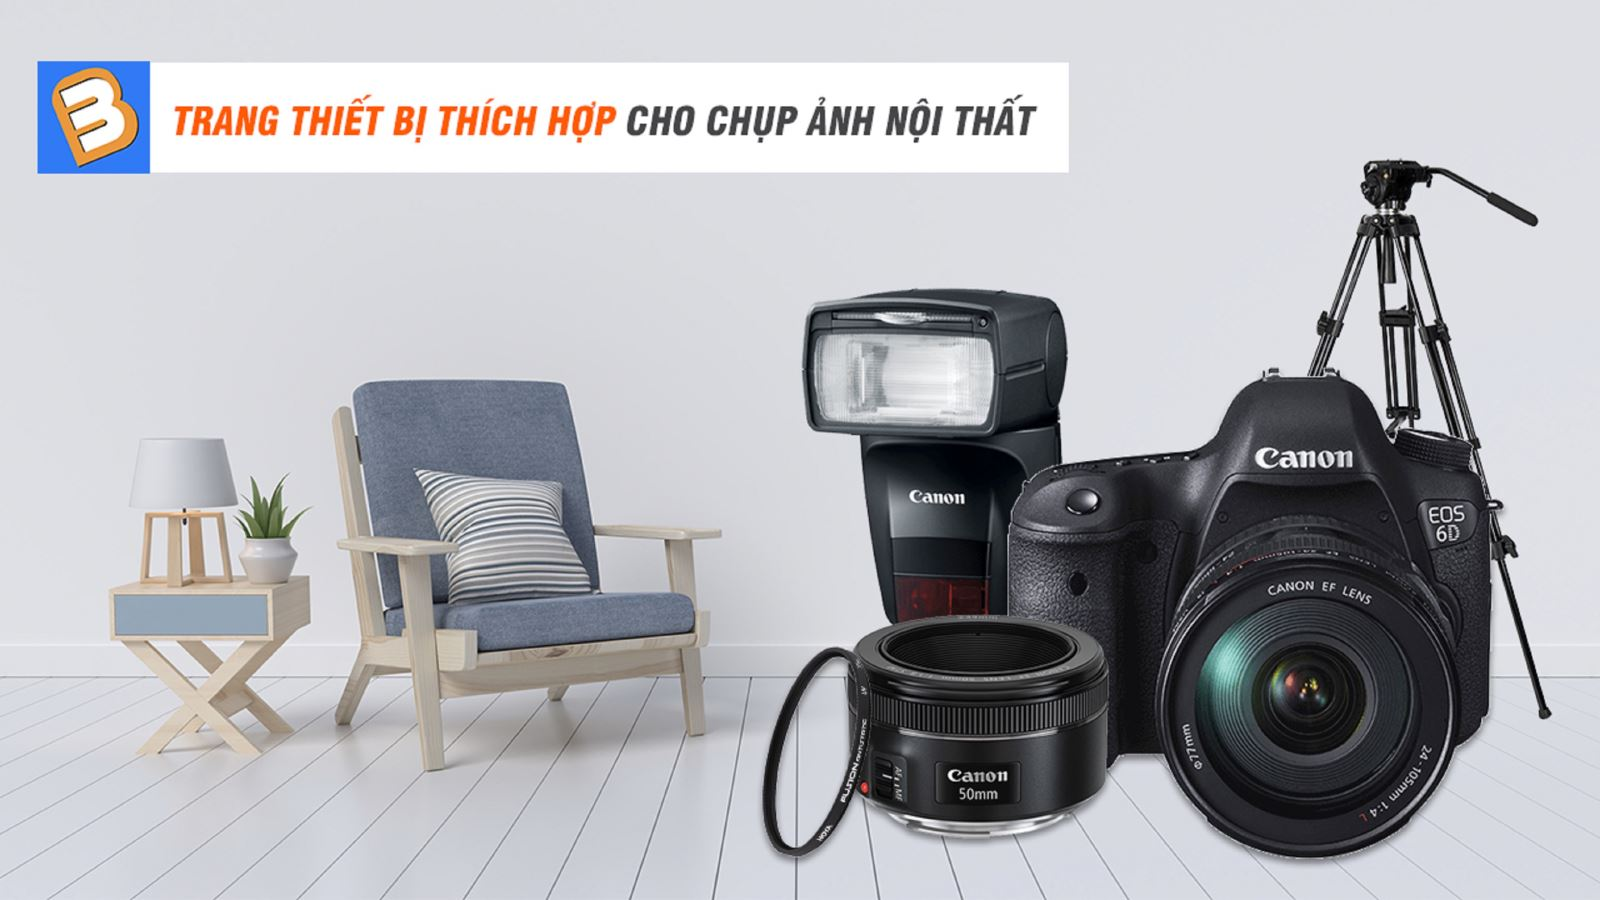 Trang thiết bị thích hợp cho chụp ảnh nội thất